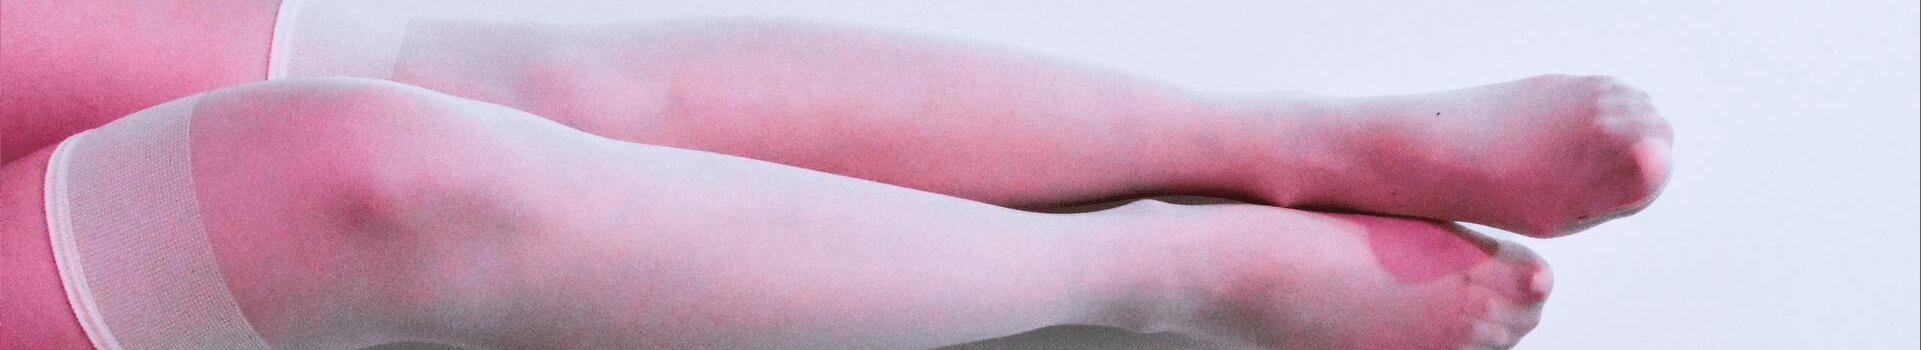 Traitement des maladies chroniques